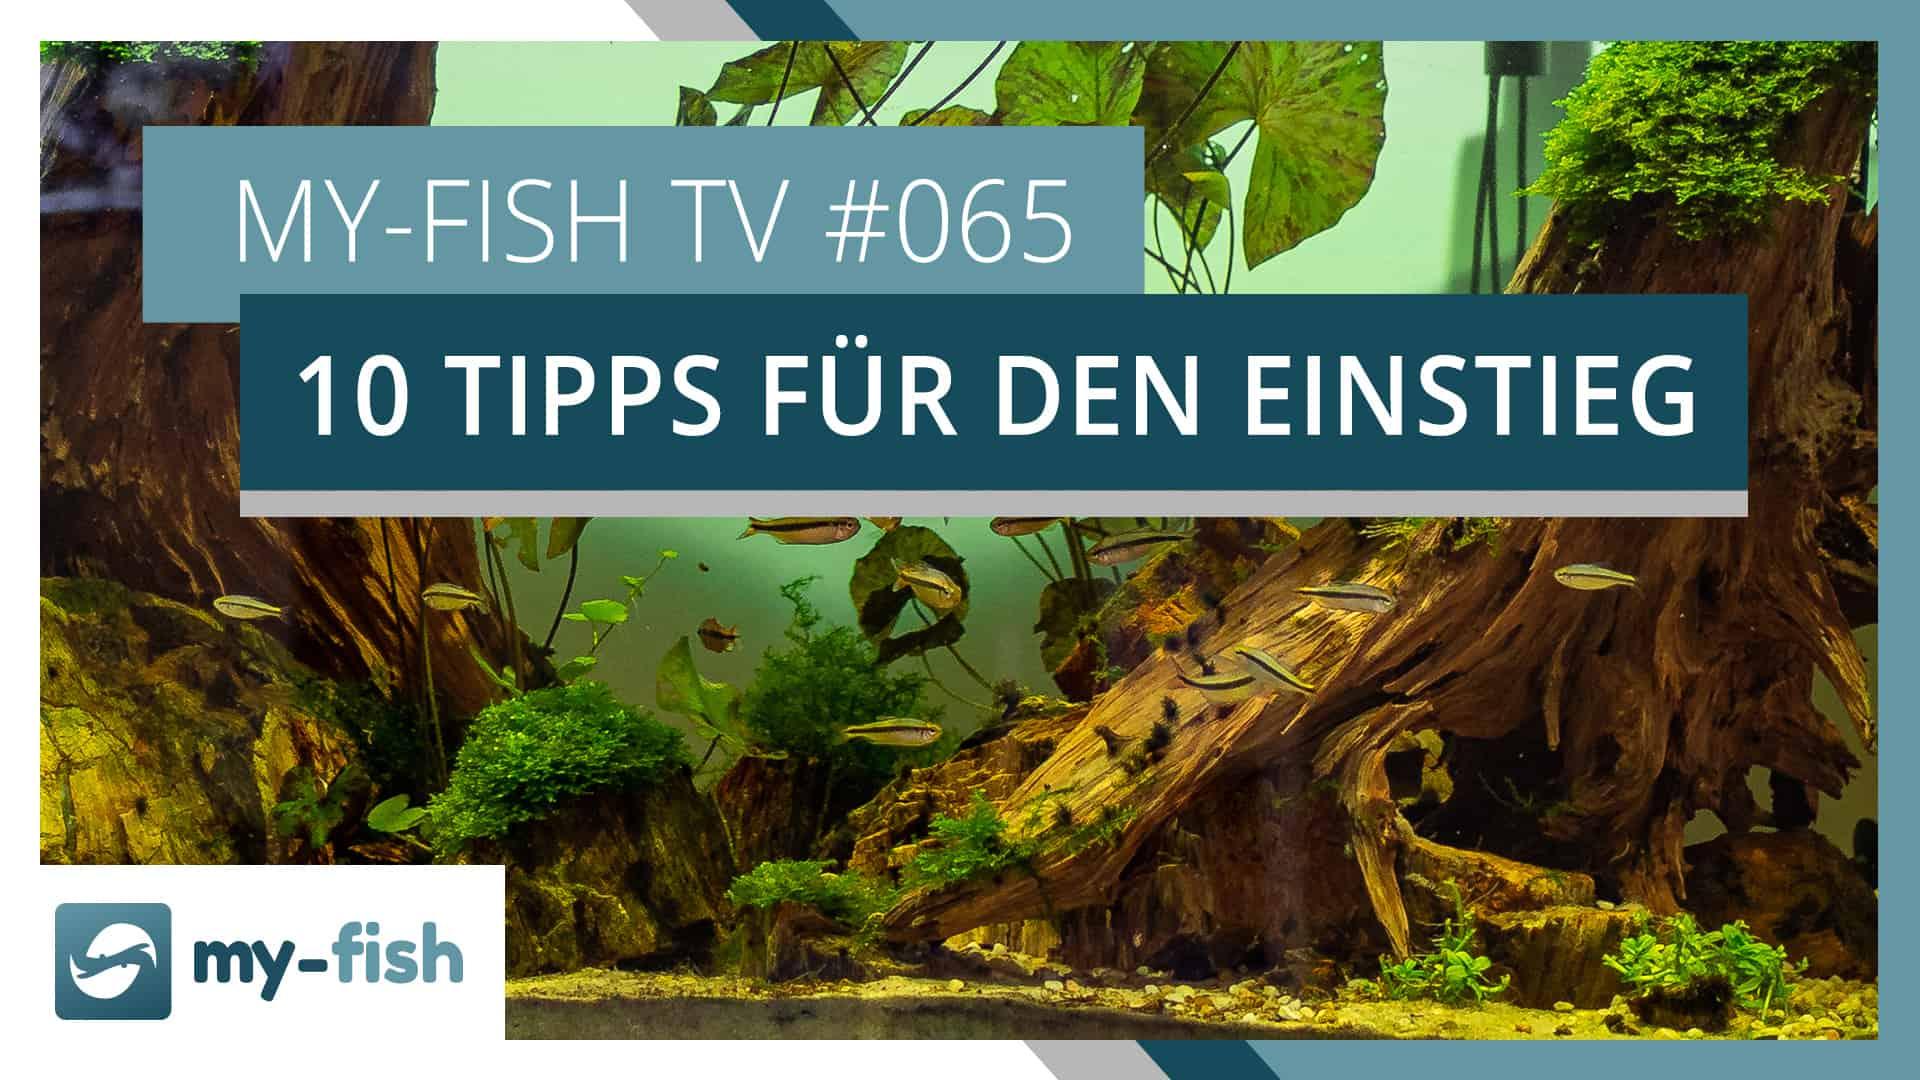 my-fish TV: 10 Tipps zum erfolgreichen Start in die Aquaristik